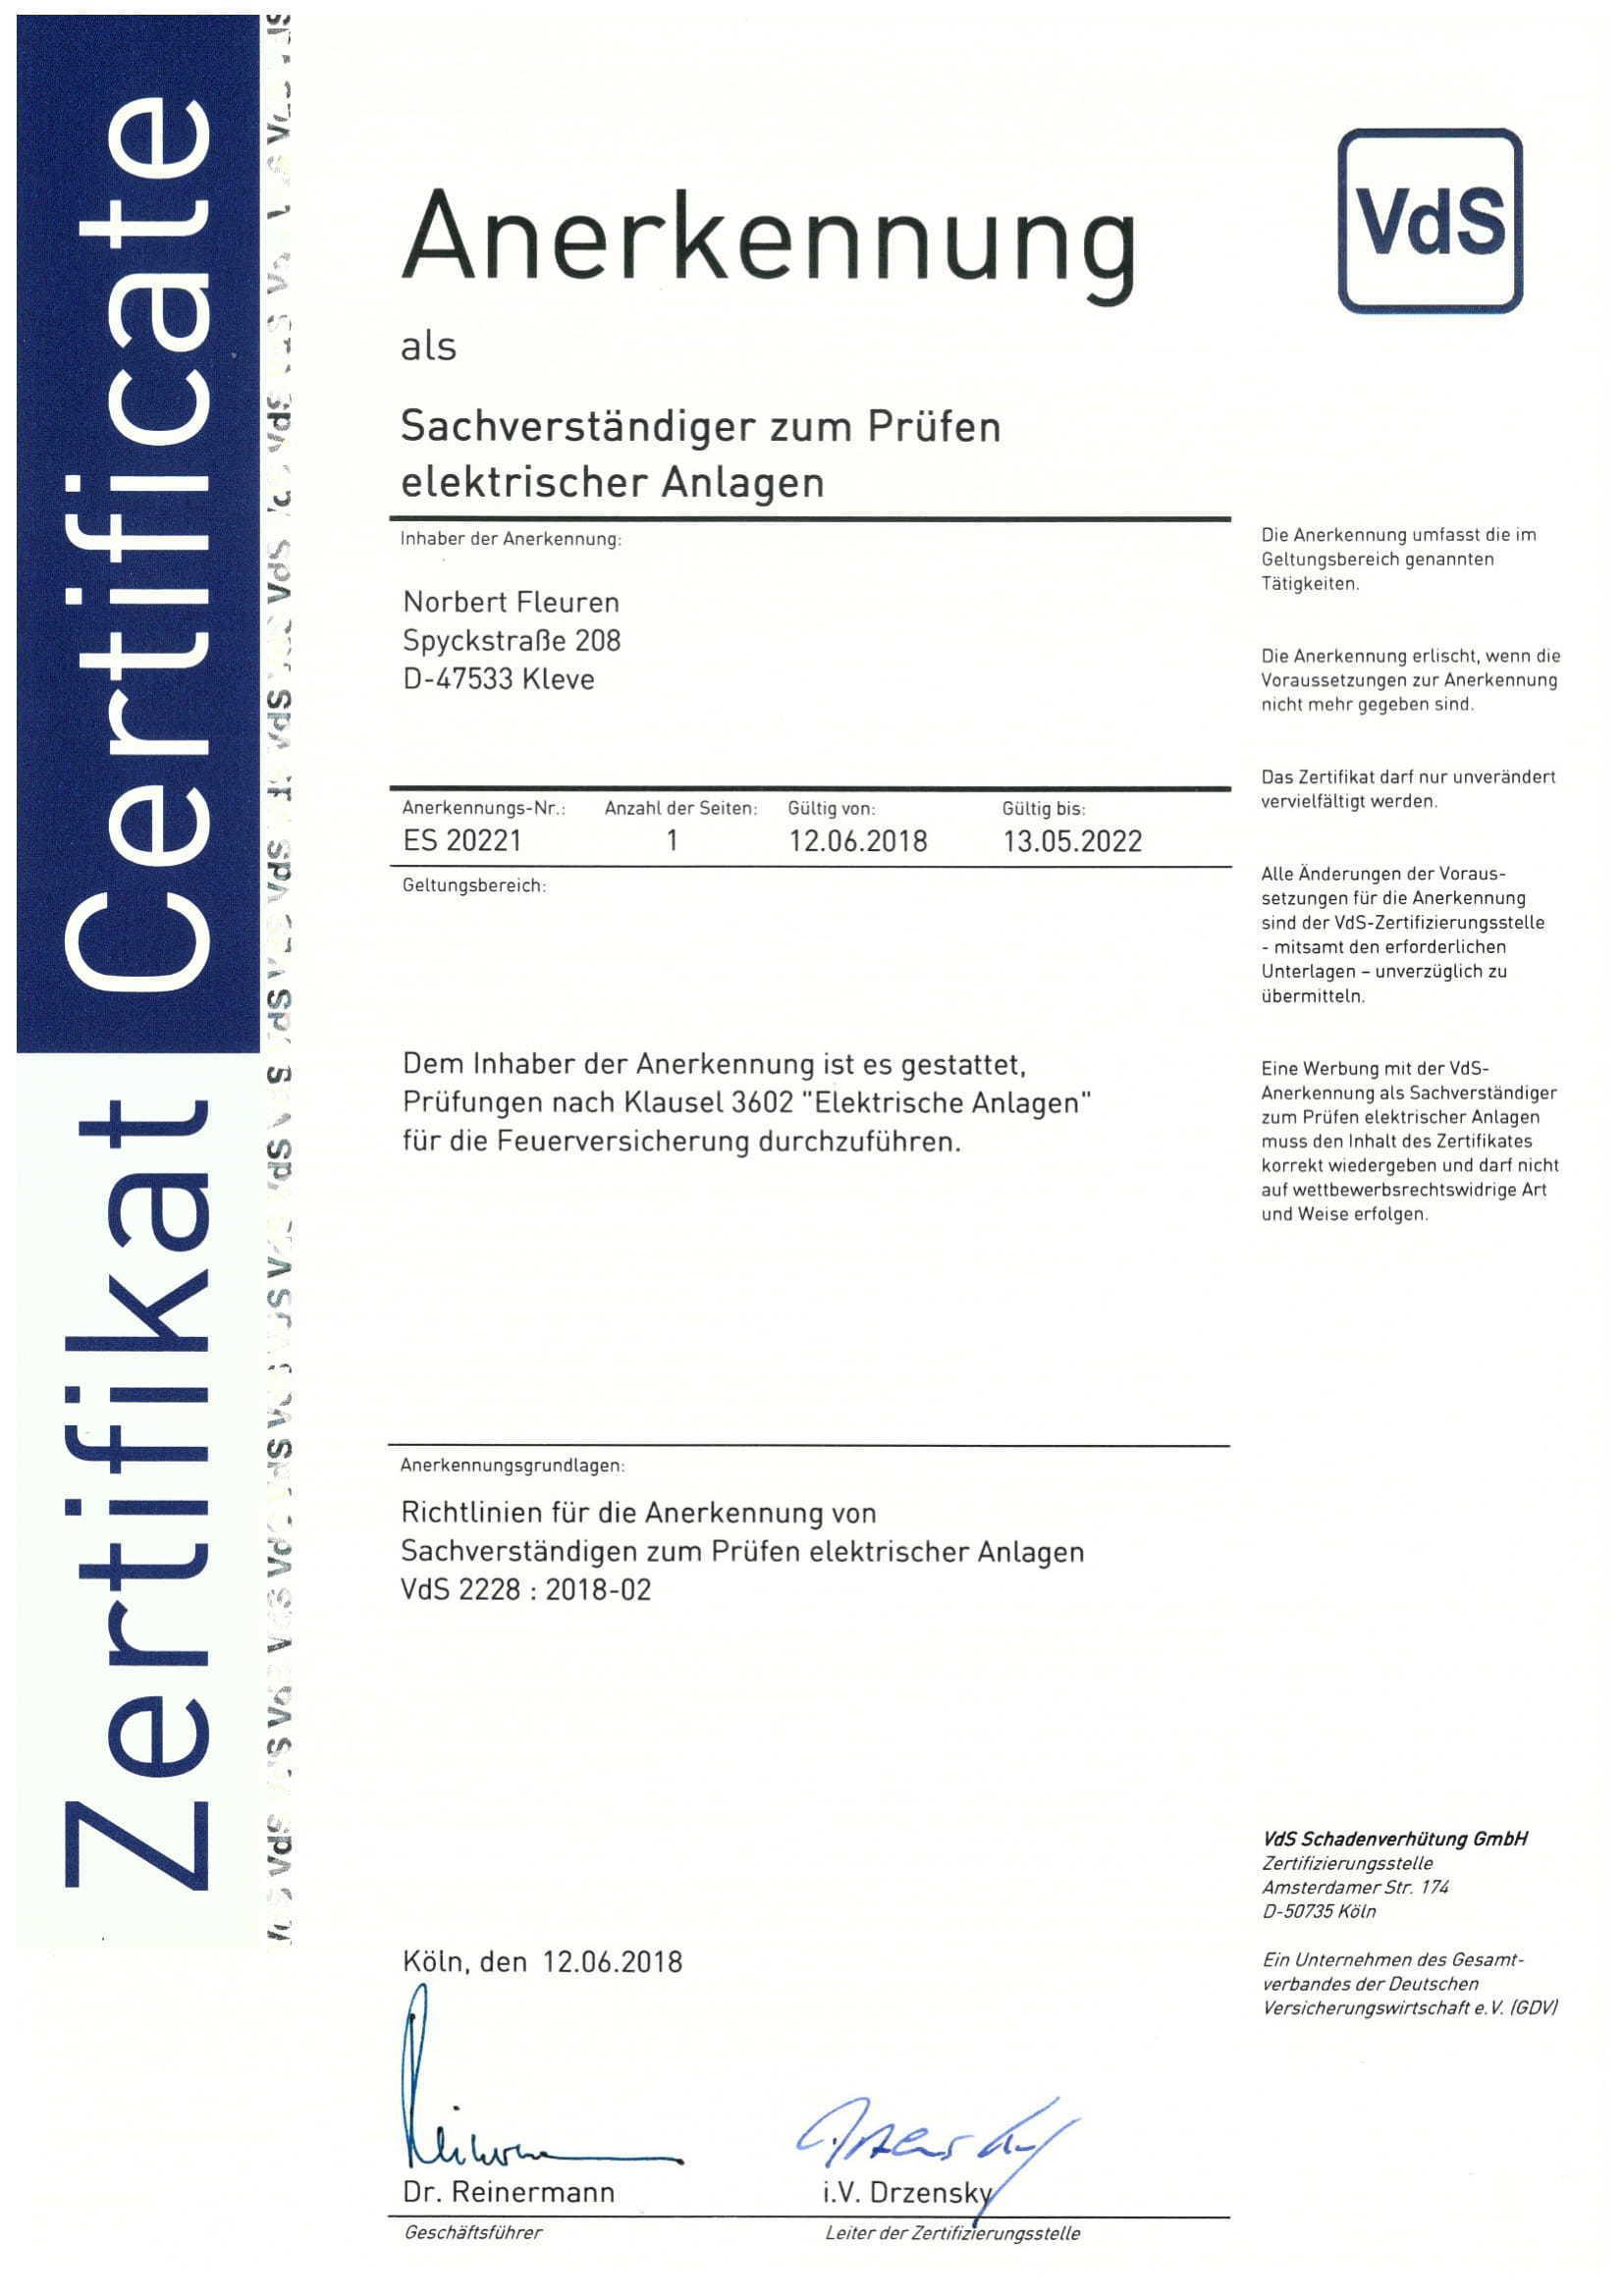 180612-VdS-Anerkennung-gültig-bis-13.05.2022-1_180620_124234.jpg